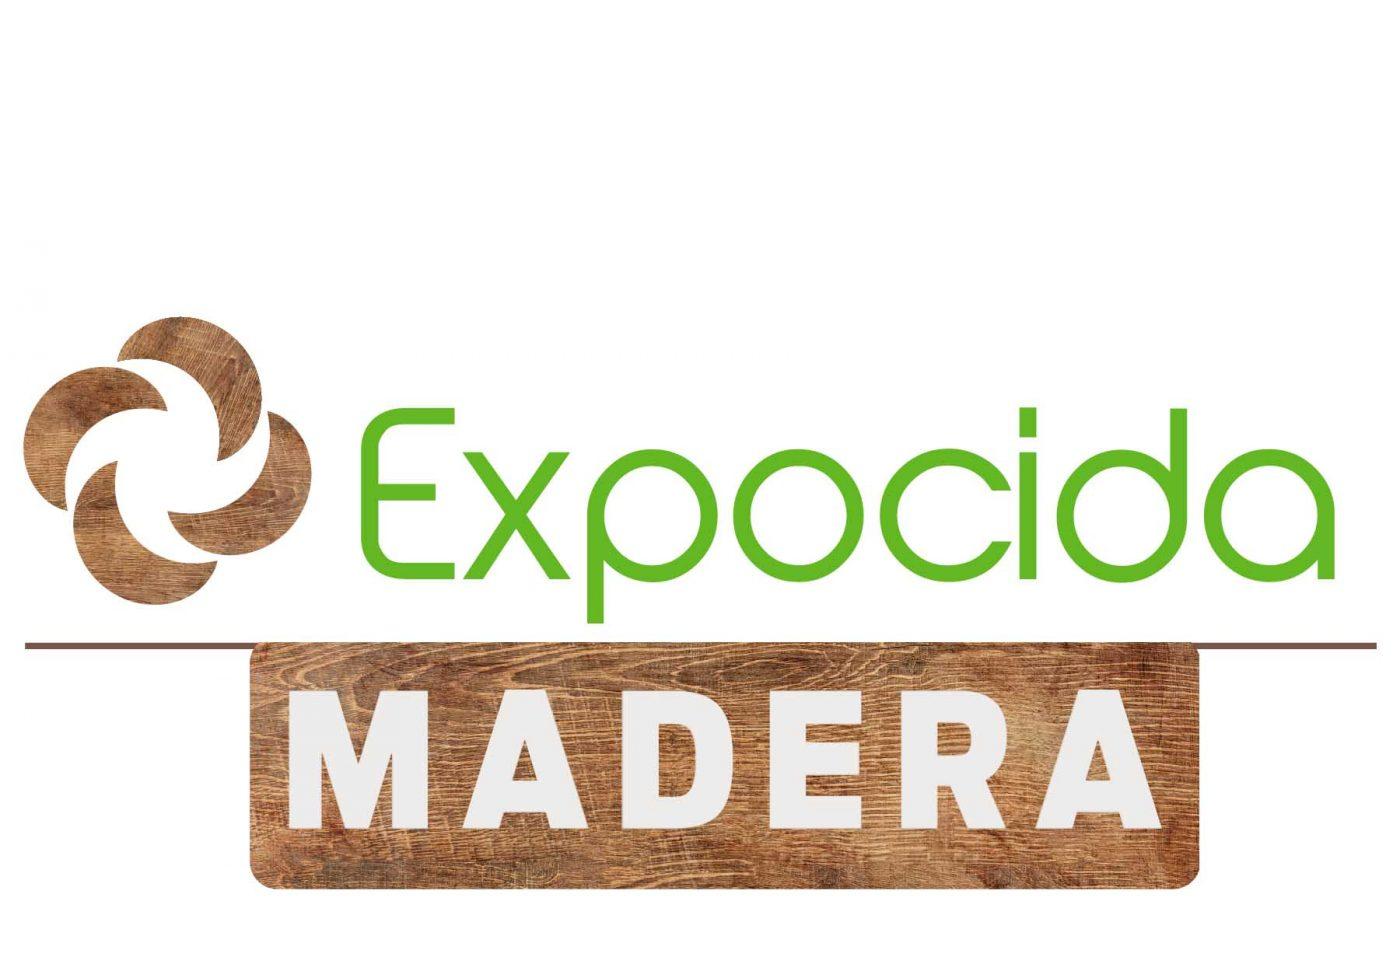 EXPOCIDA Madera